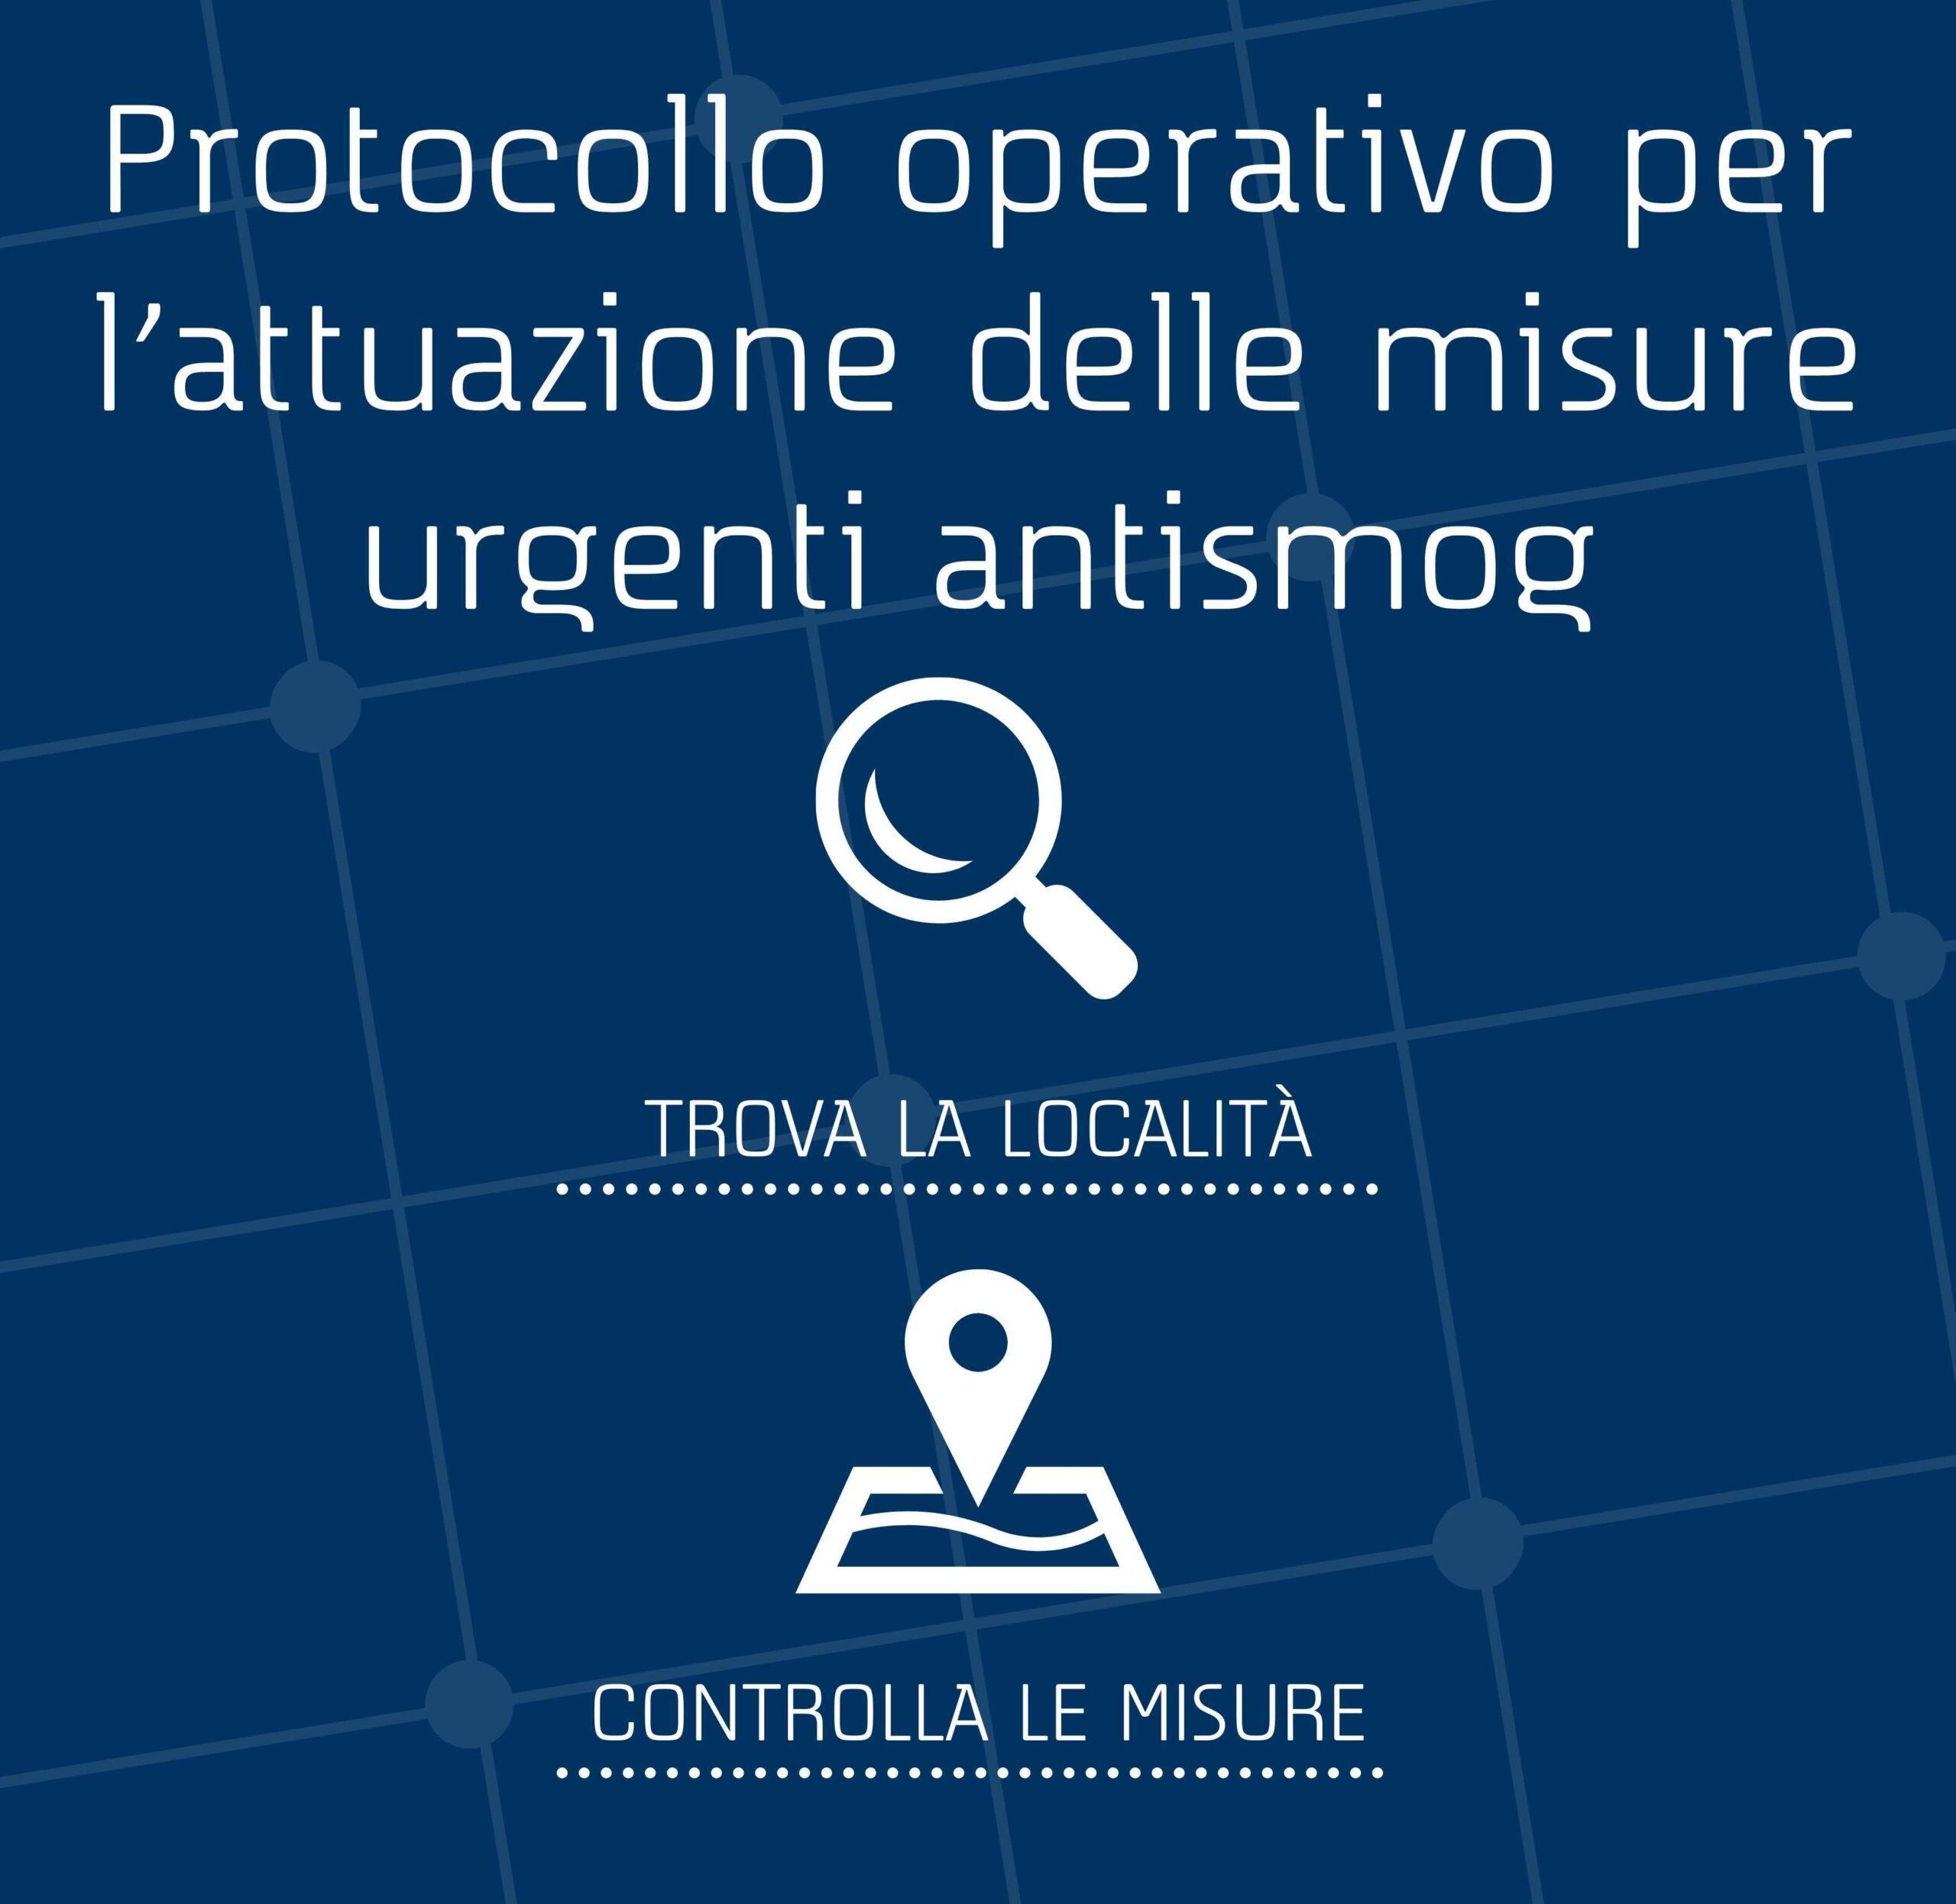 Protocollo operativo per l'attuazione delle misure urgenti antismog